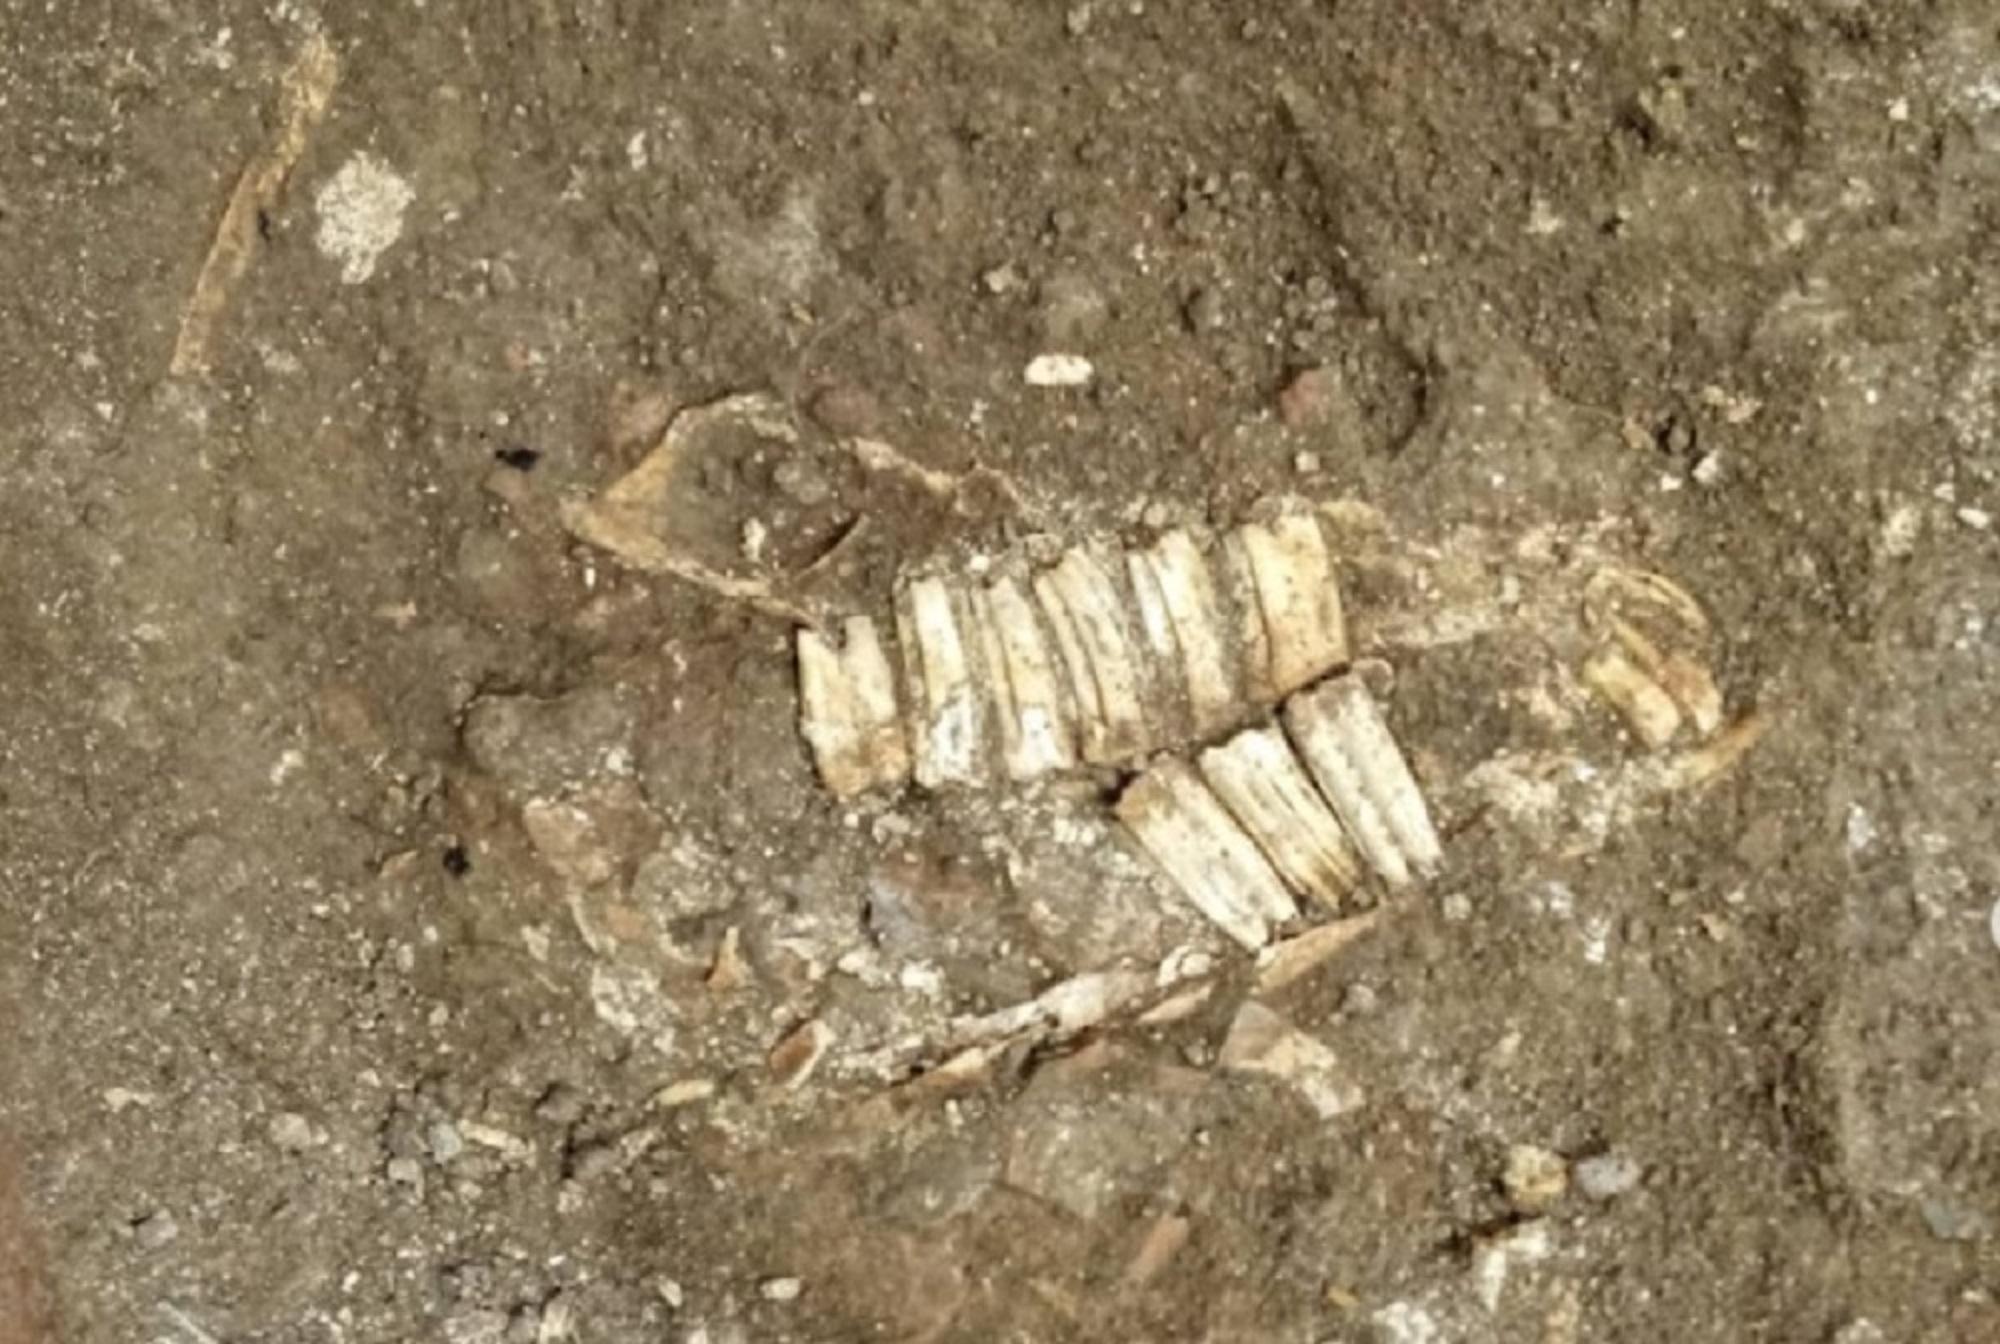 Colosseo, ritrovati resti di alcuni cavalli nel parco archeologico